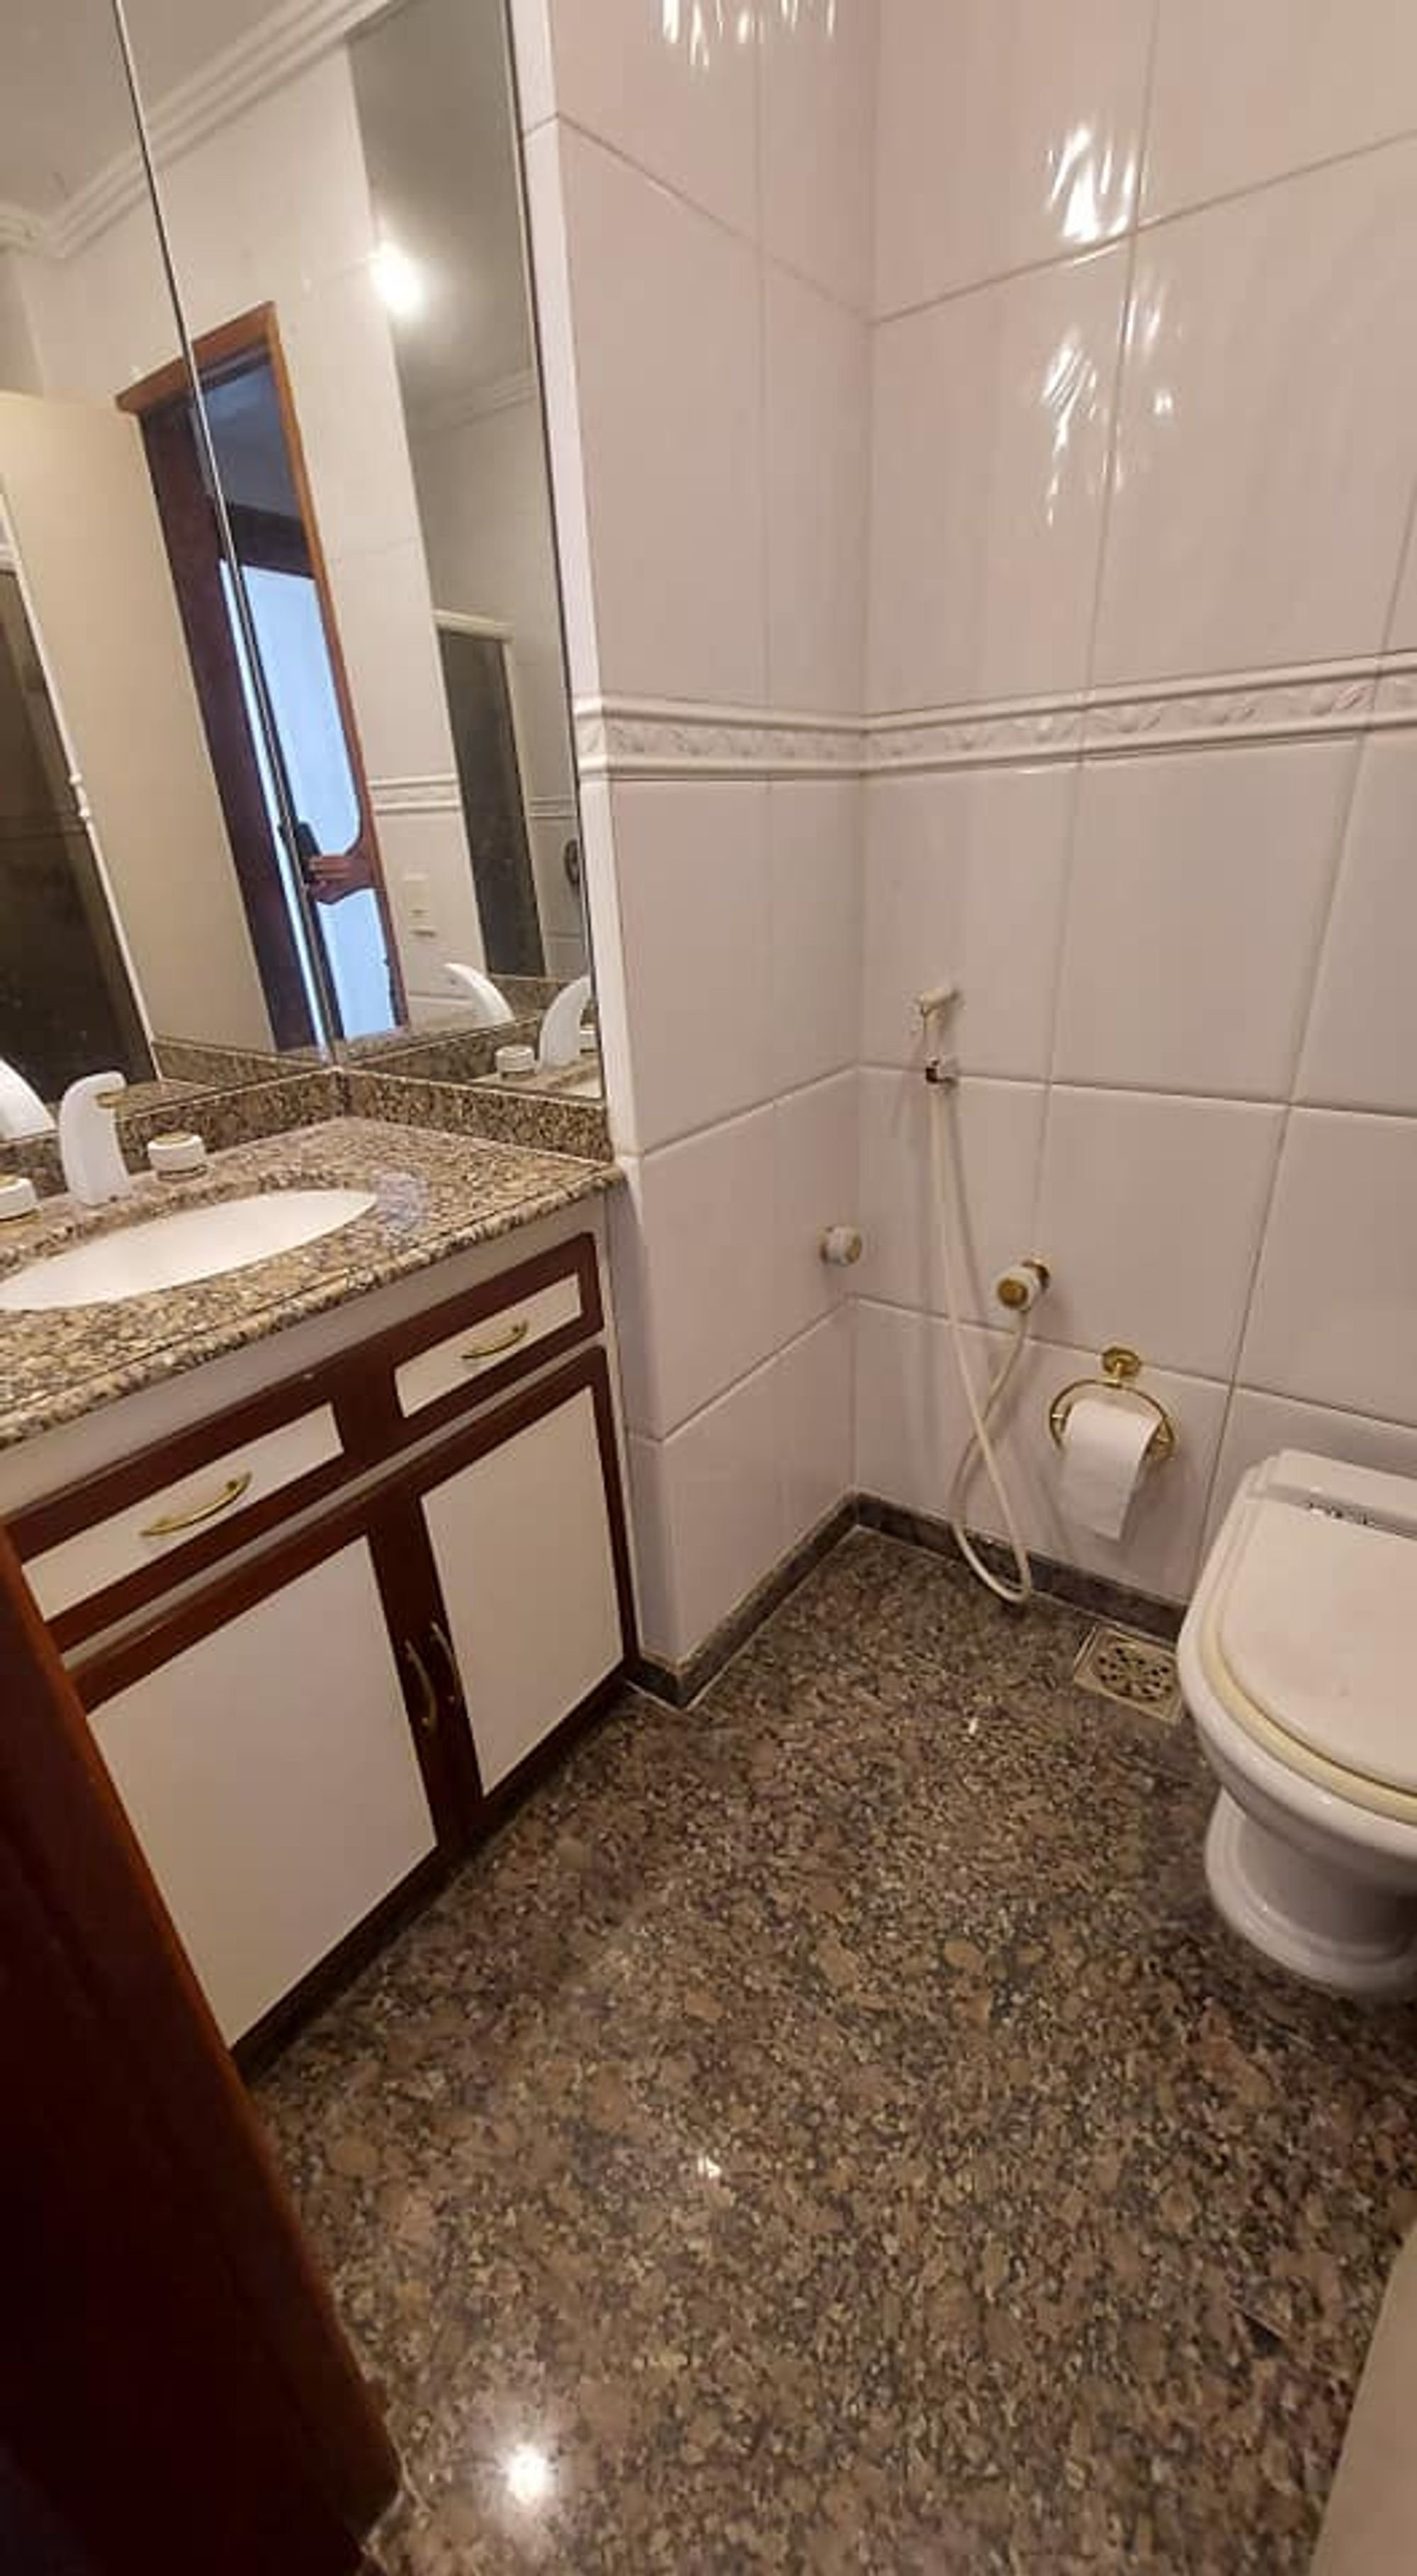 Foto de Banheiro com teclado, vaso sanitário